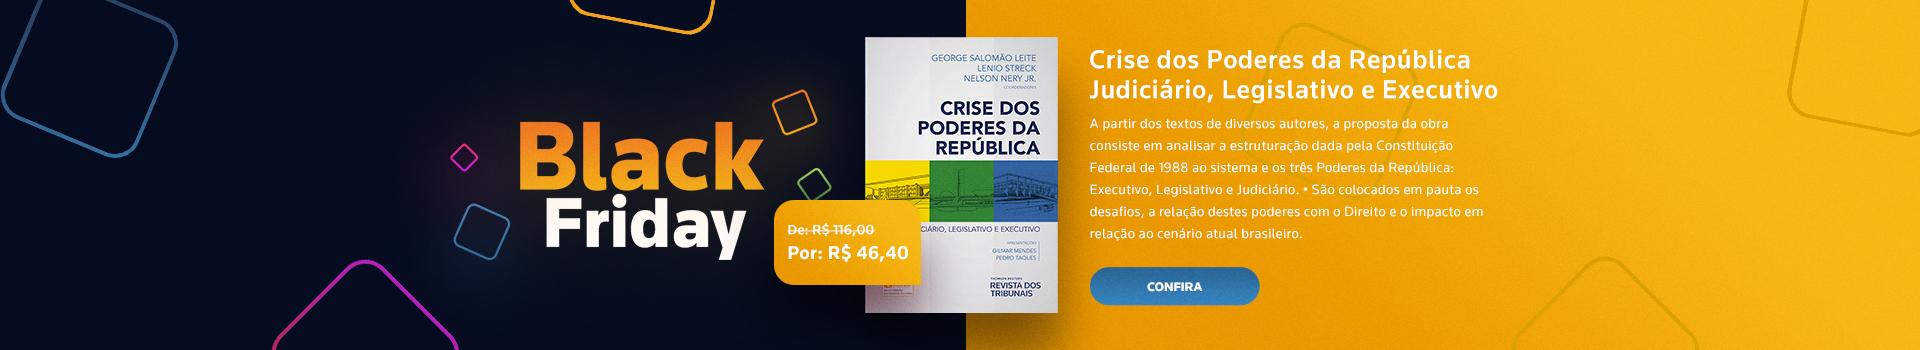 Crise dos Poderes da República - Judiciário, Legislativo e Executivo